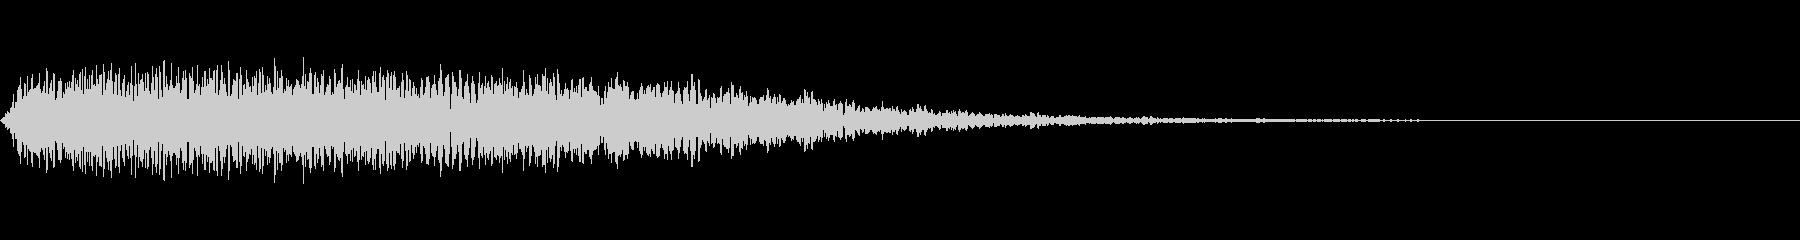 「ポイント」NHKプロフェッショナル風の未再生の波形